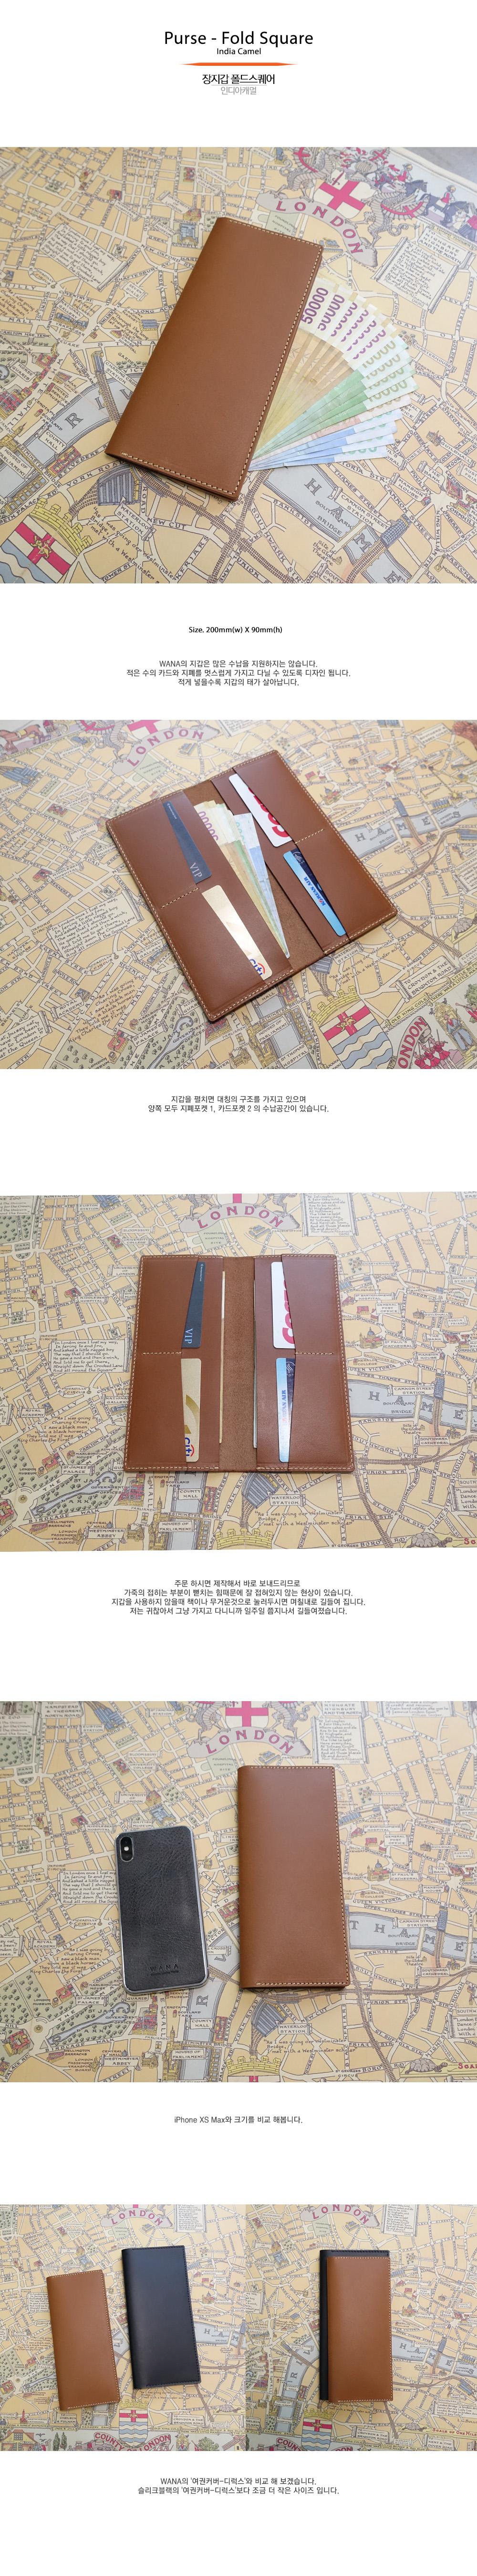 장지갑 폴드스퀘어 .2001 (인디아캐멀) - 와나크래프트, 59,000원, 여성지갑, 장/중지갑